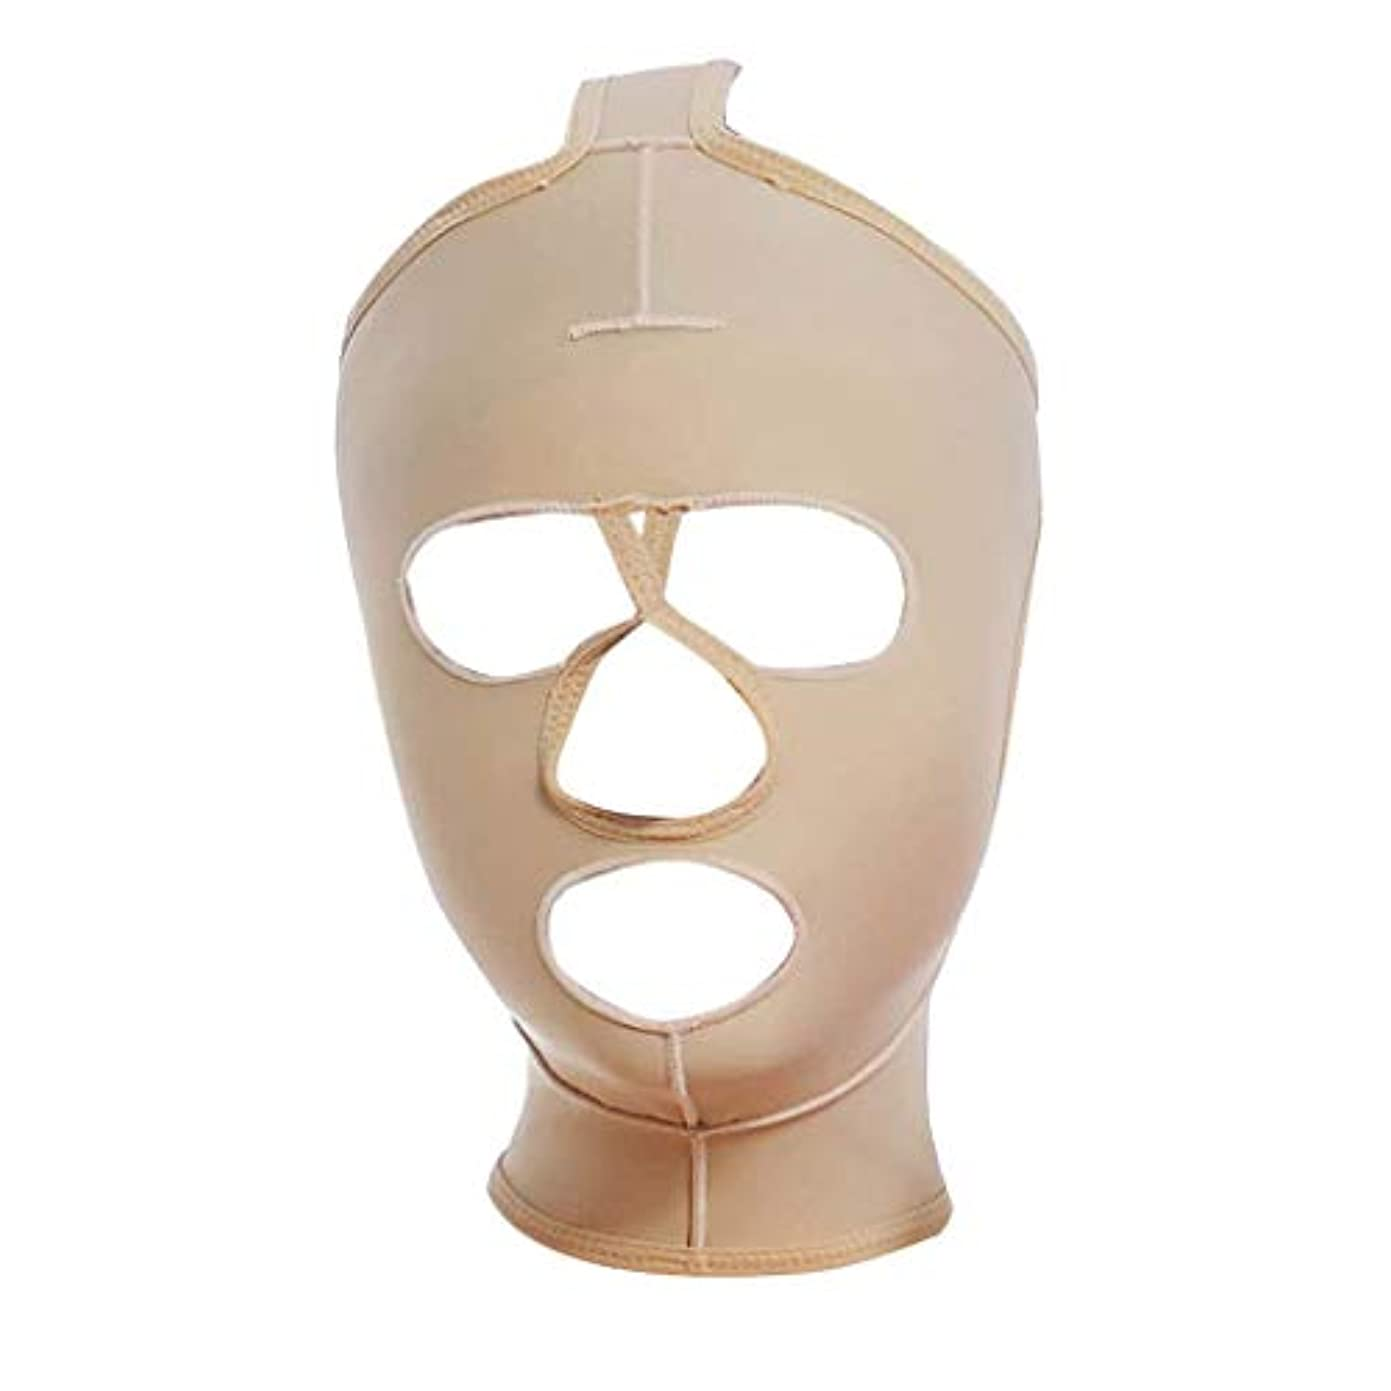 適用するどちらかごみフェイス&ネックリフト、減量フェイスマスク脂肪吸引術脂肪吸引術整形マスクフードフェイスリフティングアーティファクトVフェイスビームフェイス弾性スリーブ(サイズ:XXL),M